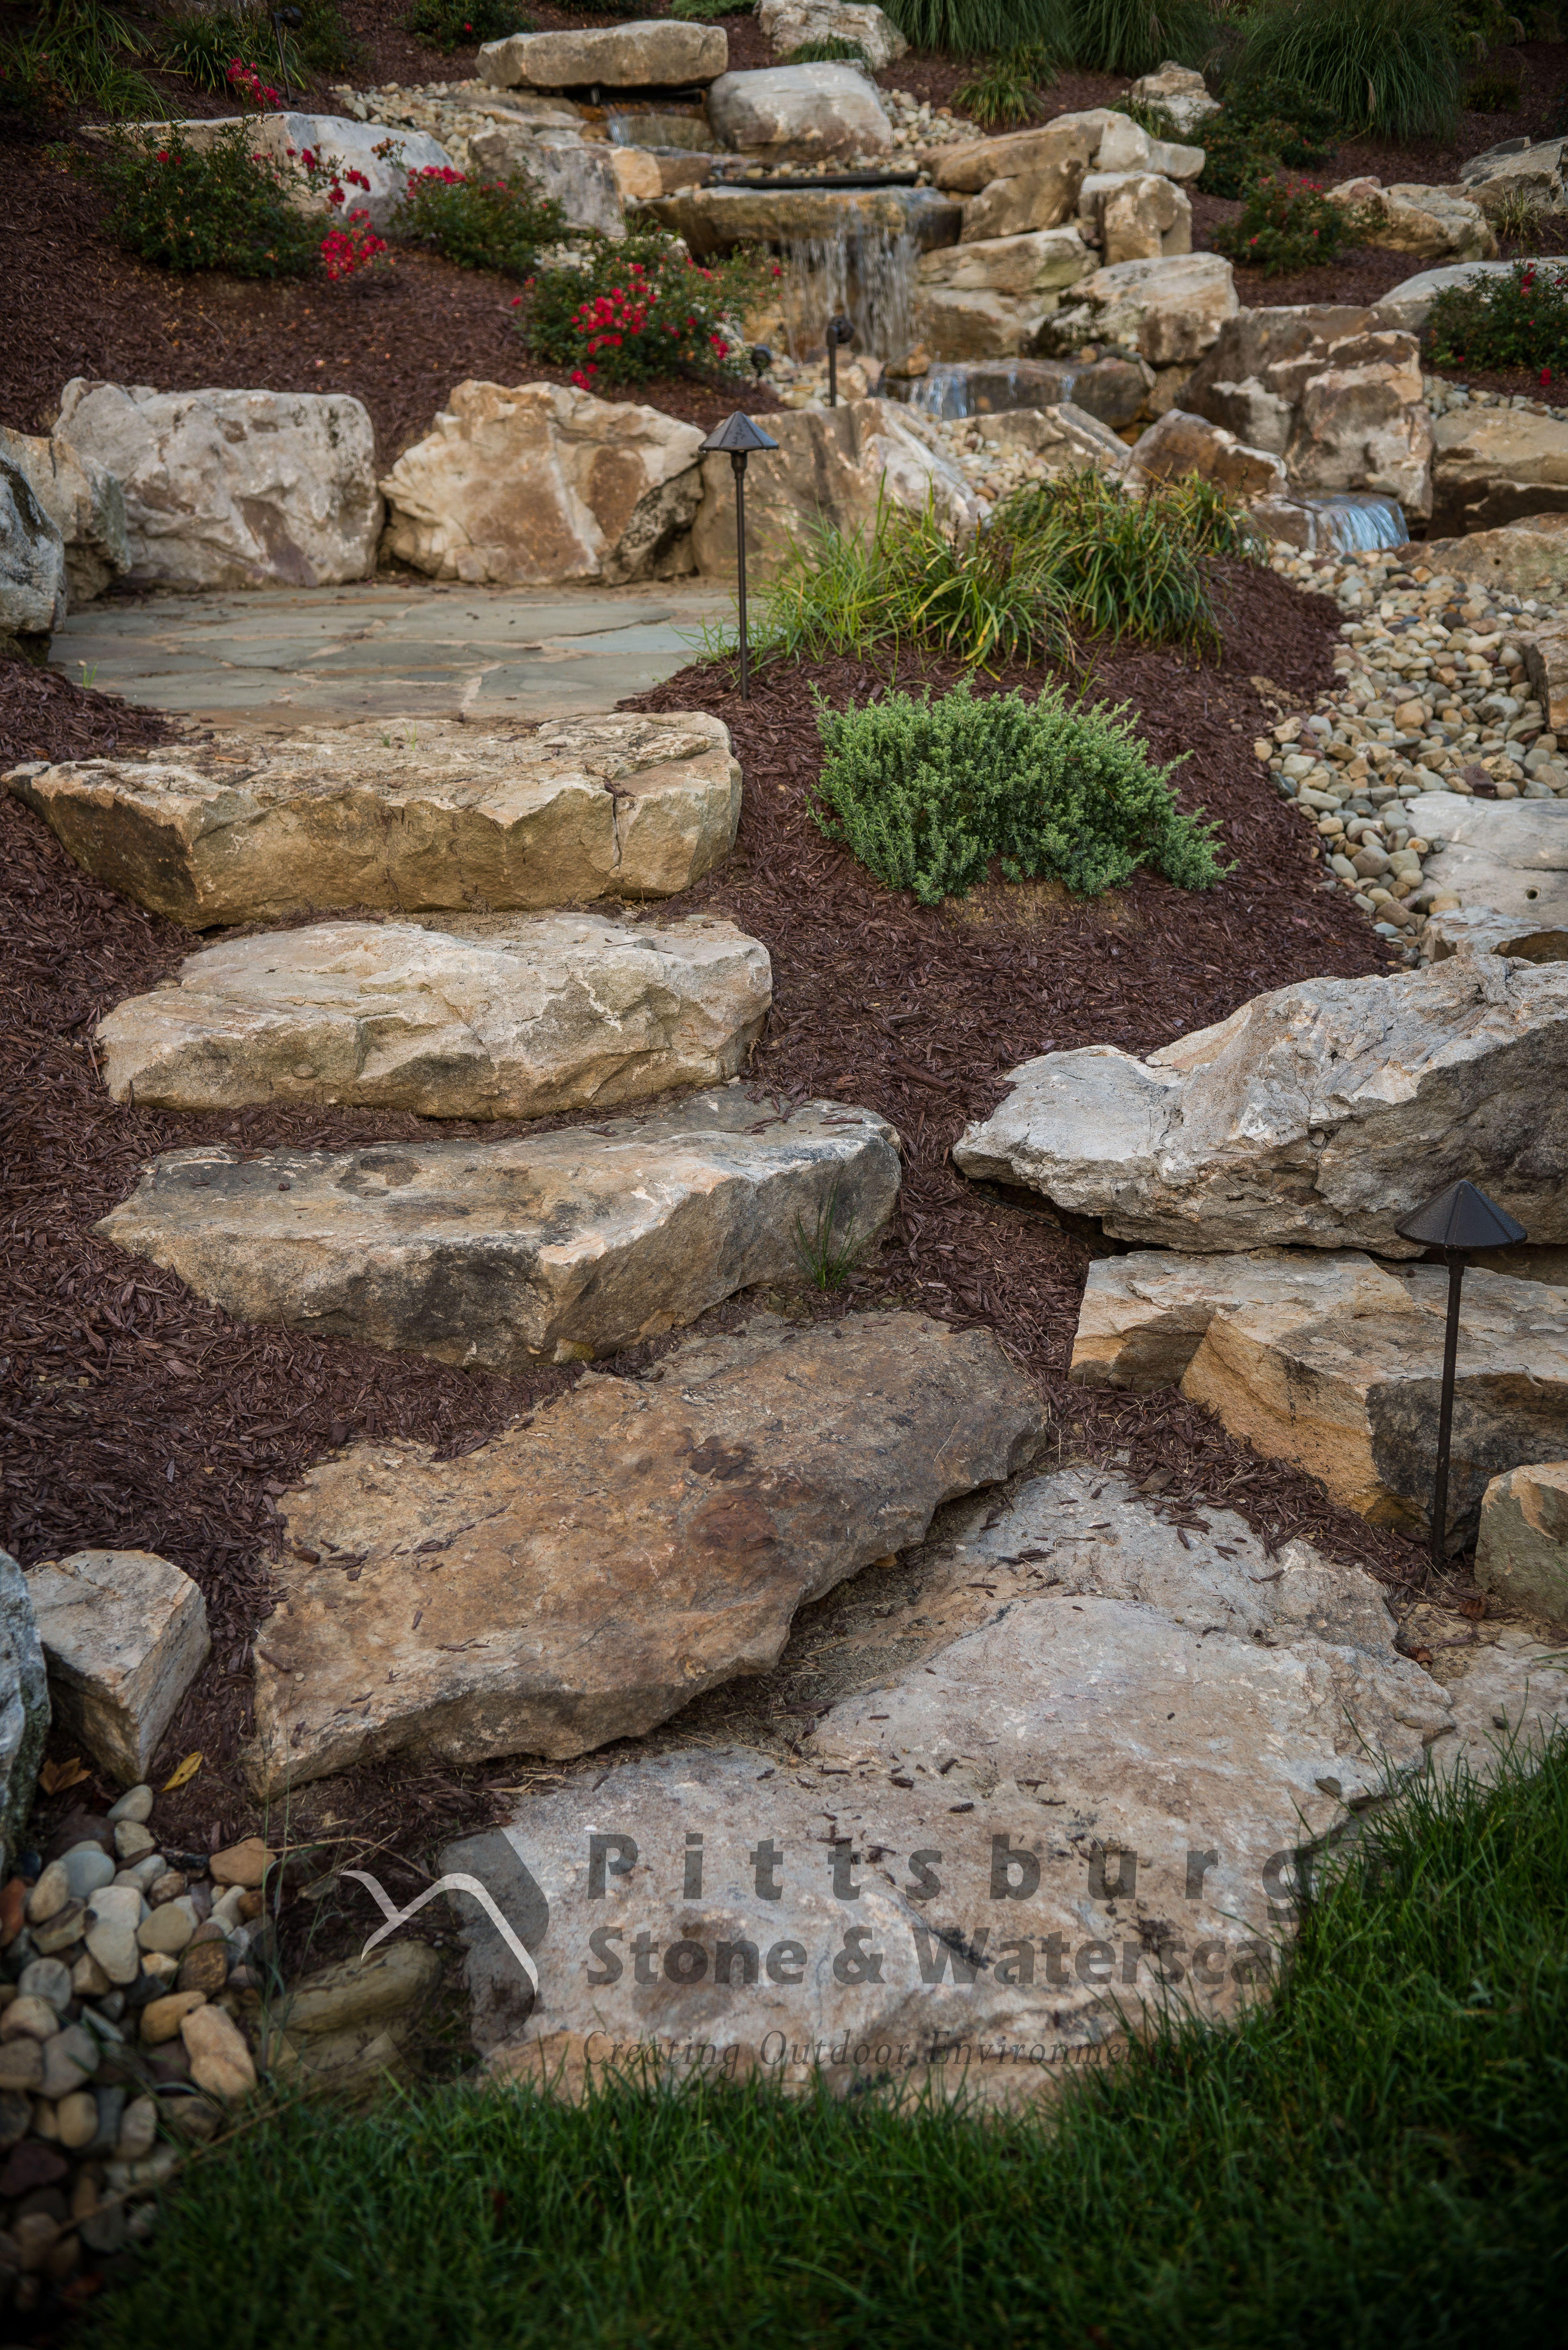 Landscapes, 3D Design, Gardening, Outdoor Living, Boulders, Pittsburgh landscapers